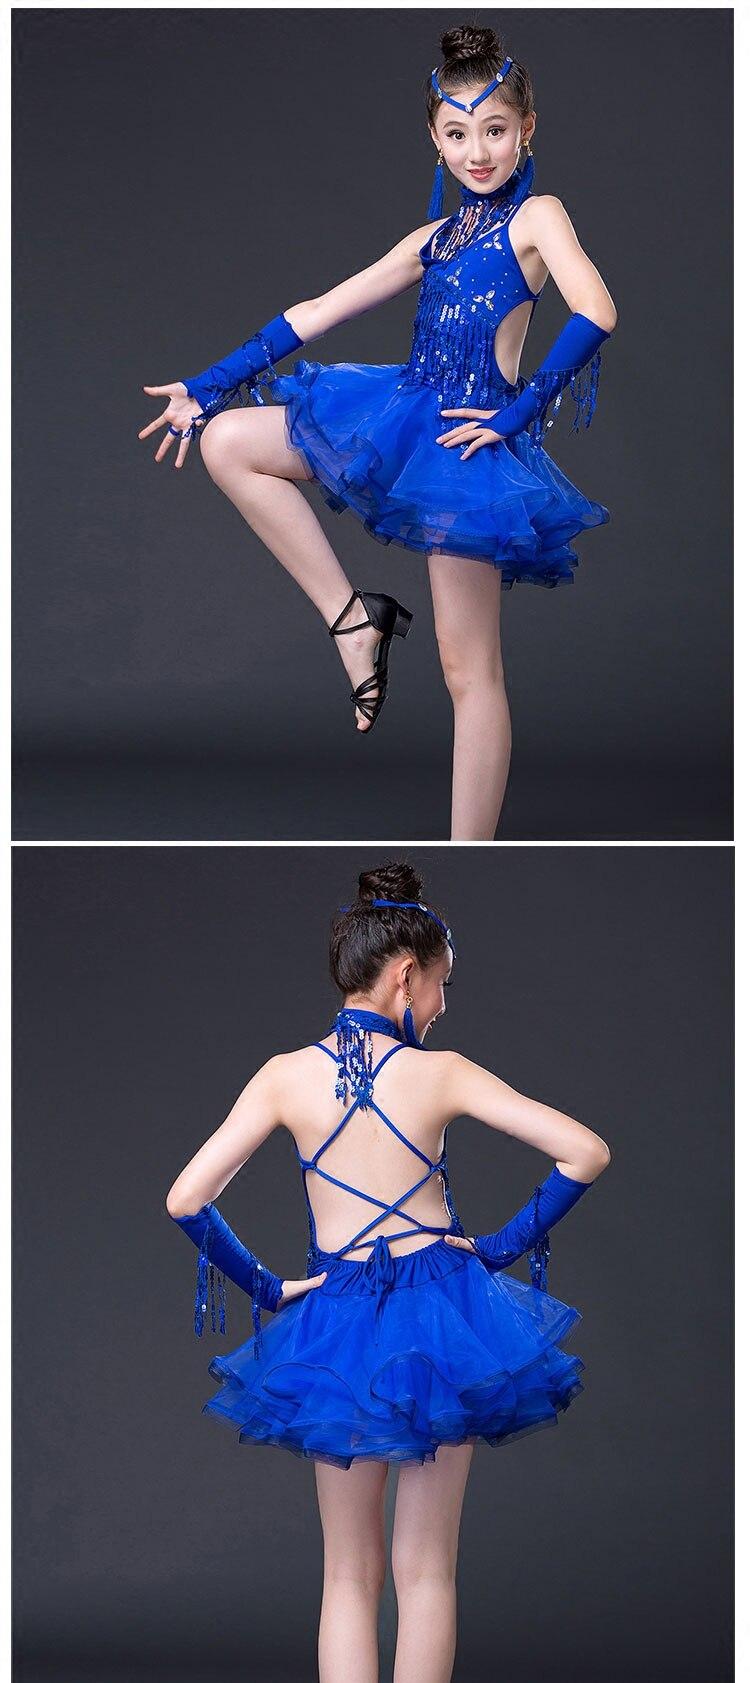 Бальные платья - 65 фото платьев для бальных танцев 70